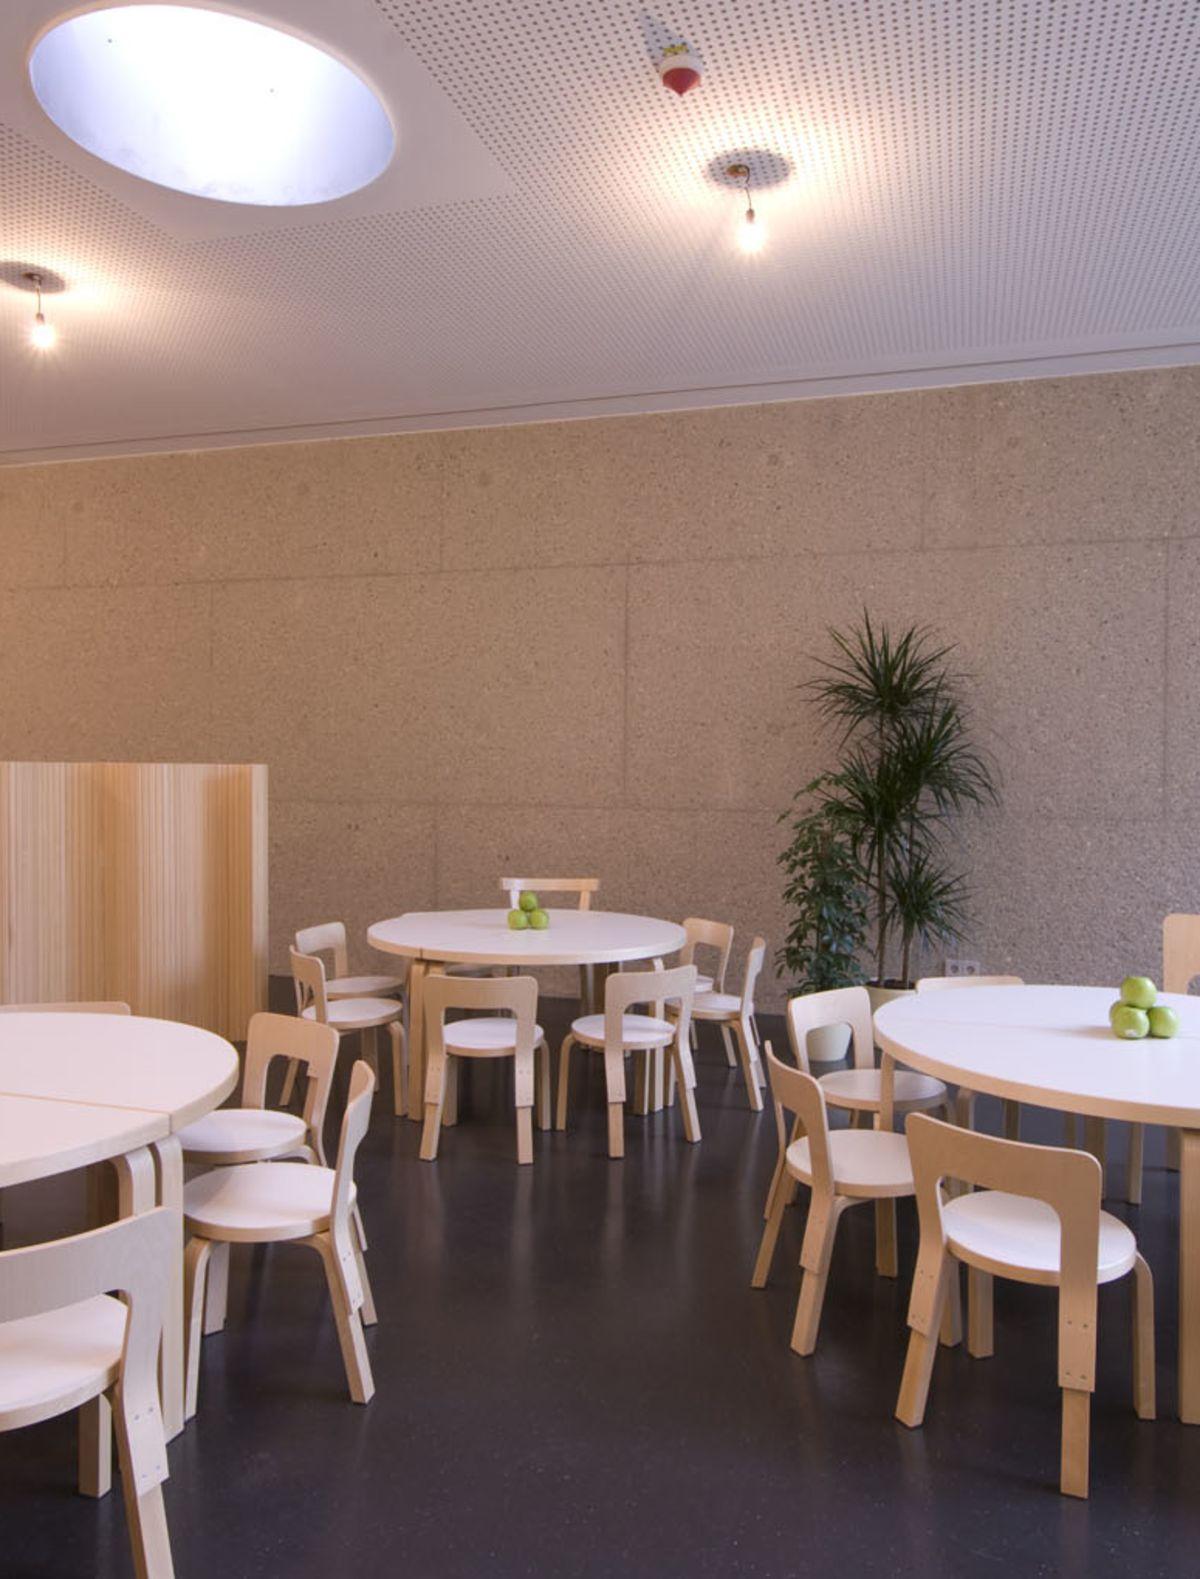 C_Kinderhaus_ Unterföhring_Germany_2010_03